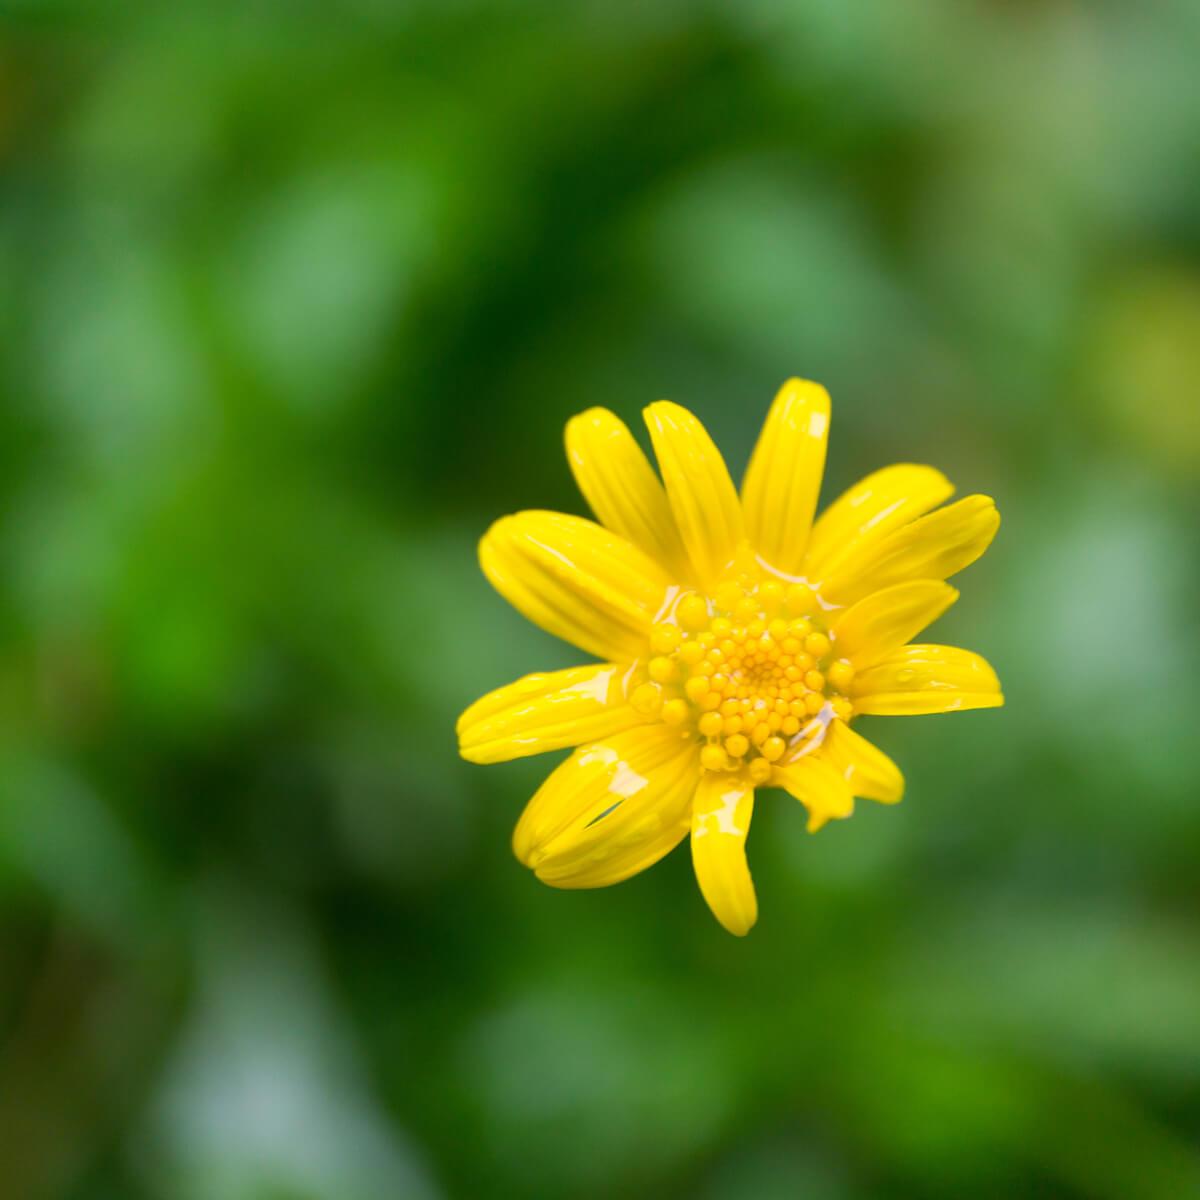 屋久島の花 雨のしずく 屋久島花とジュエリー オーダーメイドマリッジリングのインスピレーション